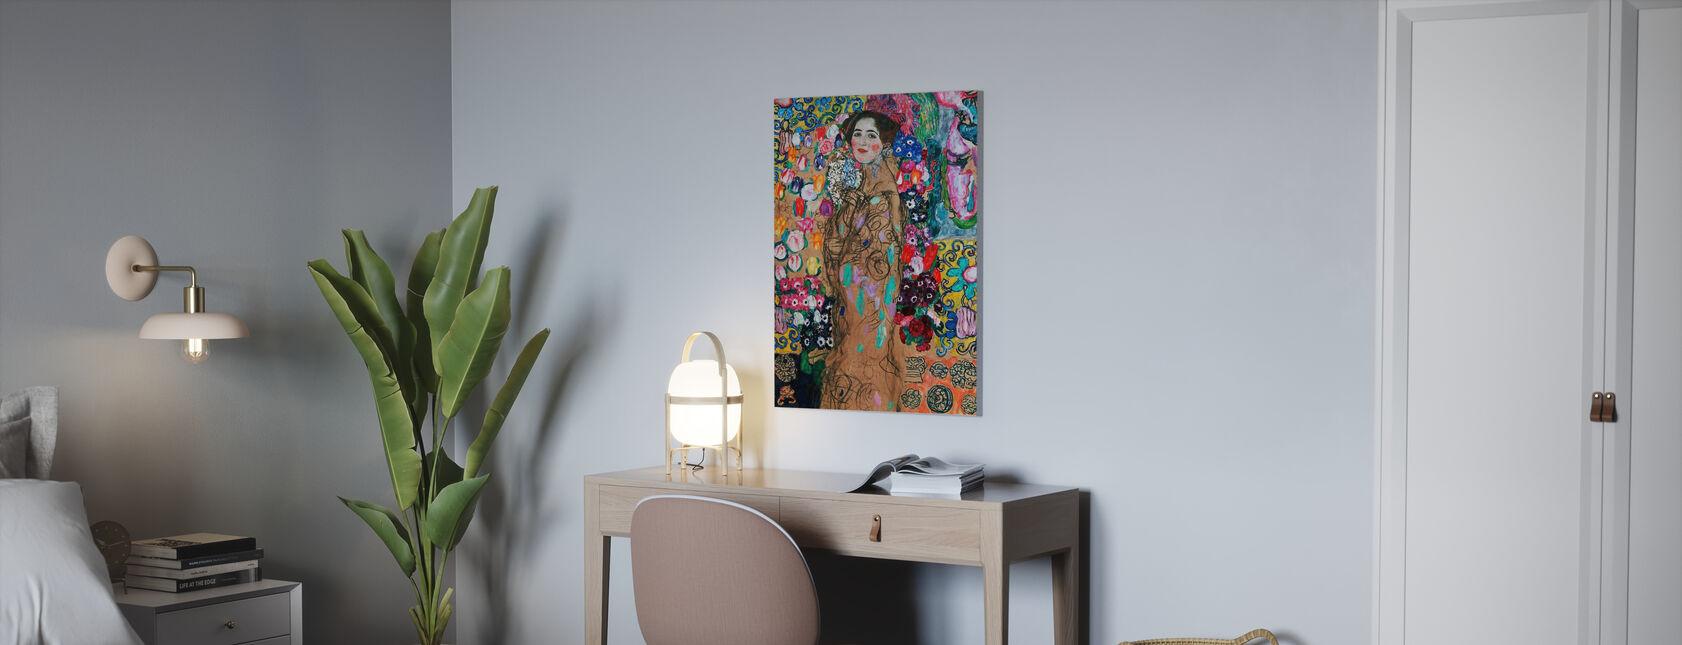 Portrett Av Maria Munk - Infographics - Lerretsbilde - Kontor